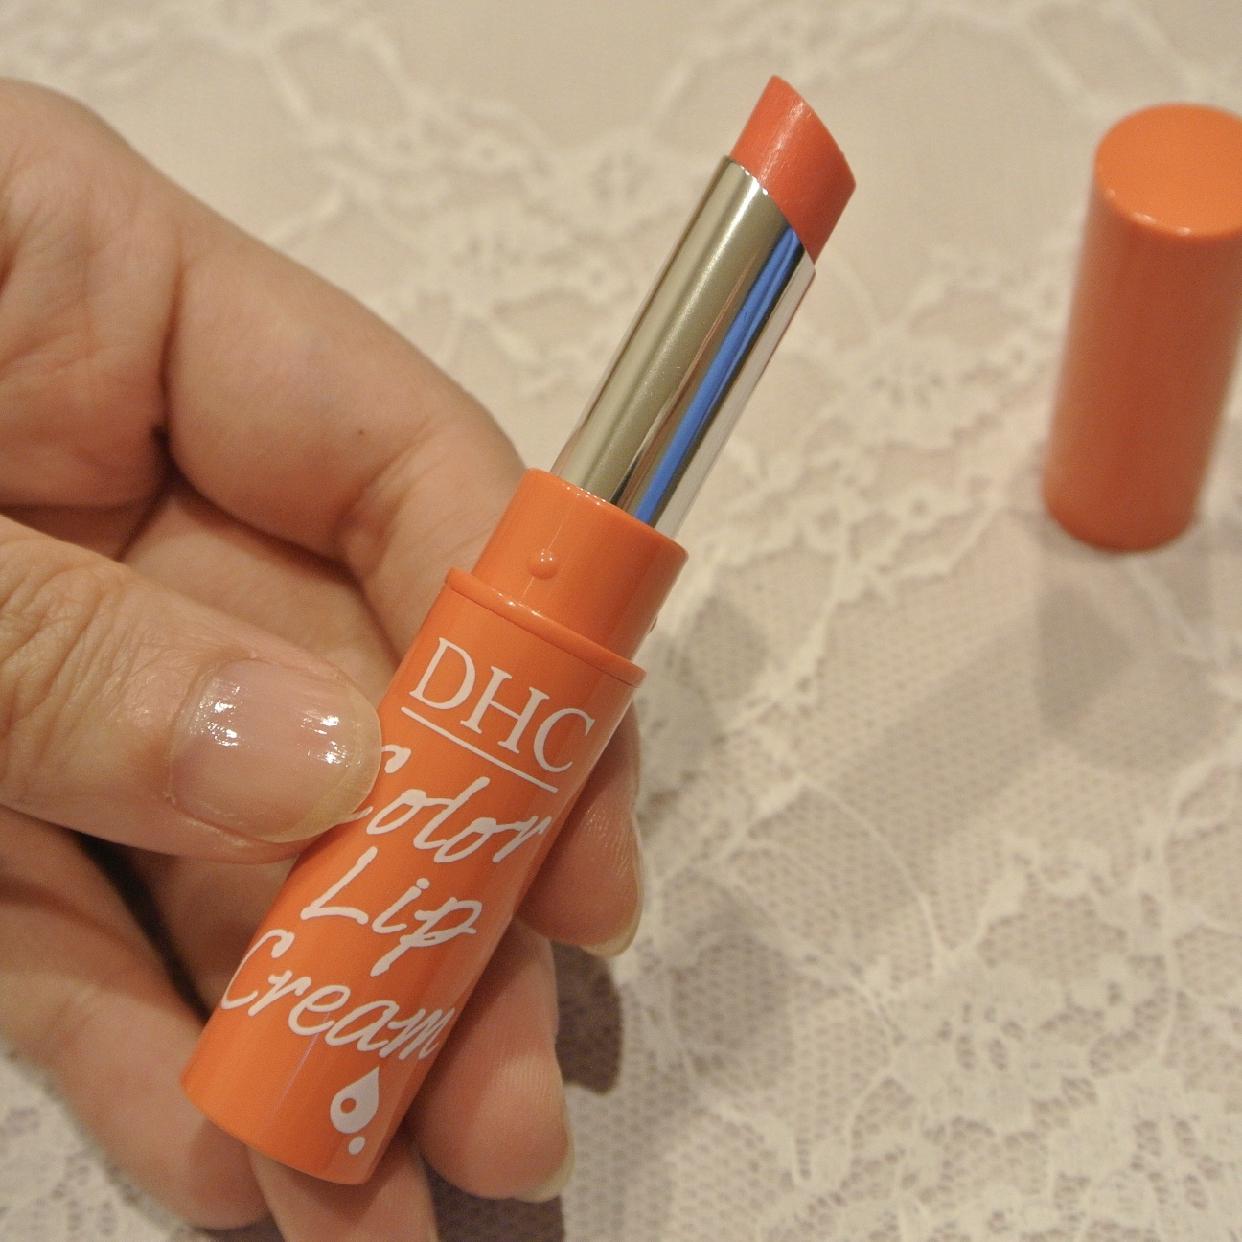 DHC(ディーエイチシー) 濃密うるみ カラーリップクリームを使ったゆあさんのクチコミ画像2